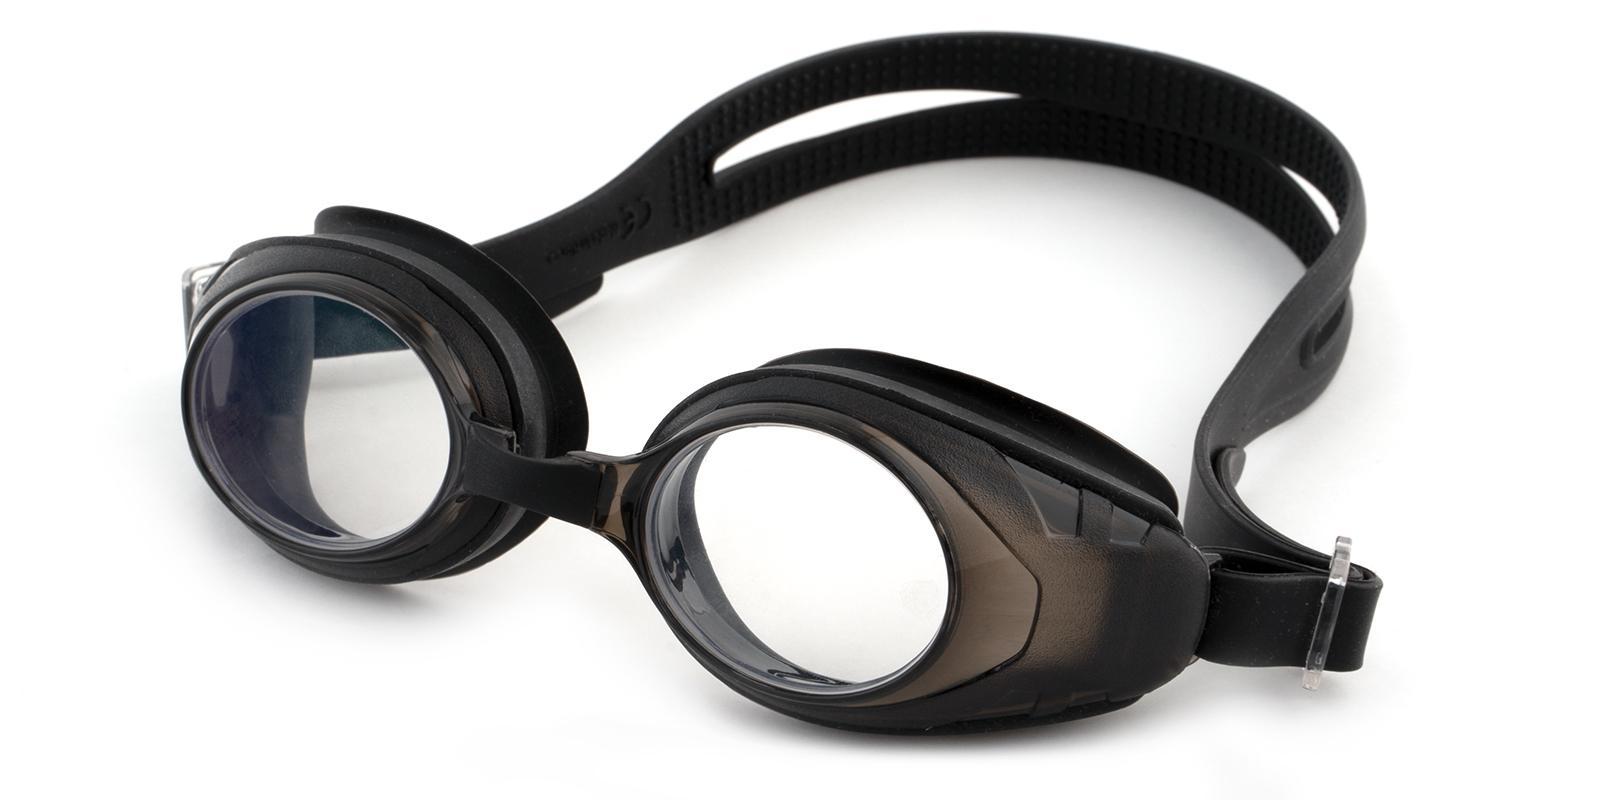 Agate Black Plastic SportsGlasses Frames from ABBE Glasses